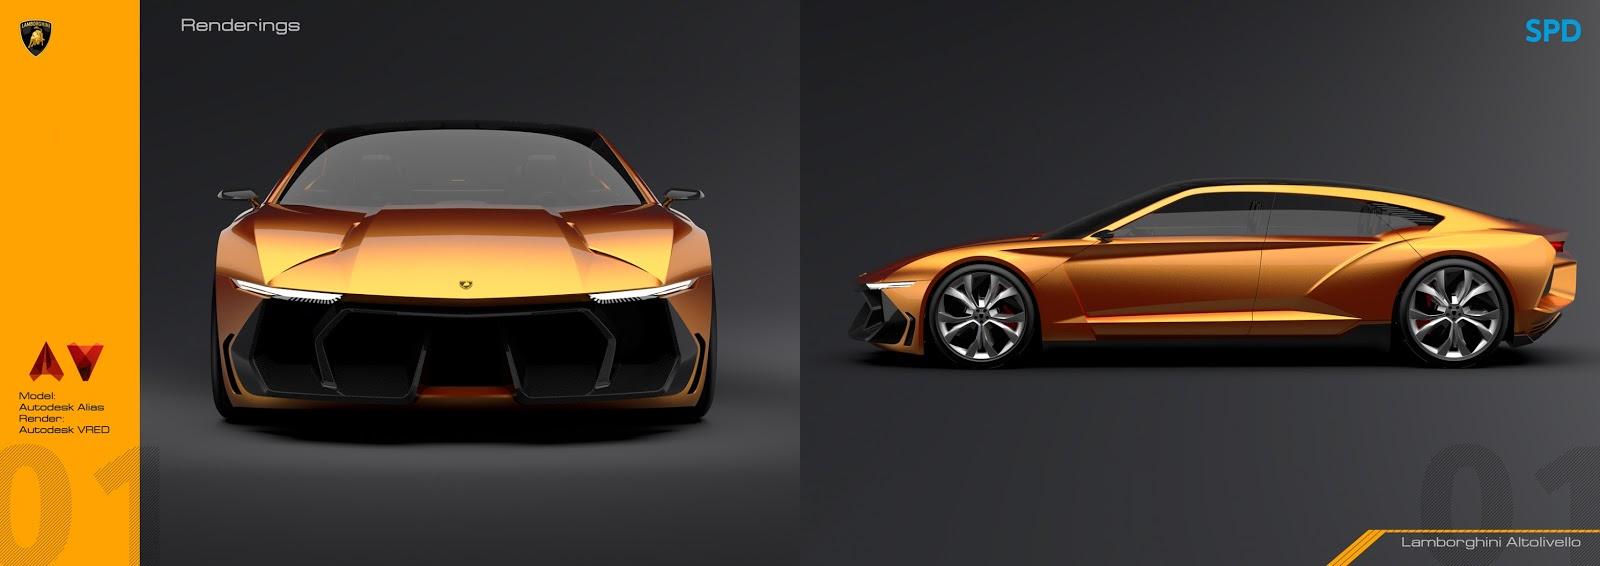 Design Portfolio Lamborghini Espada